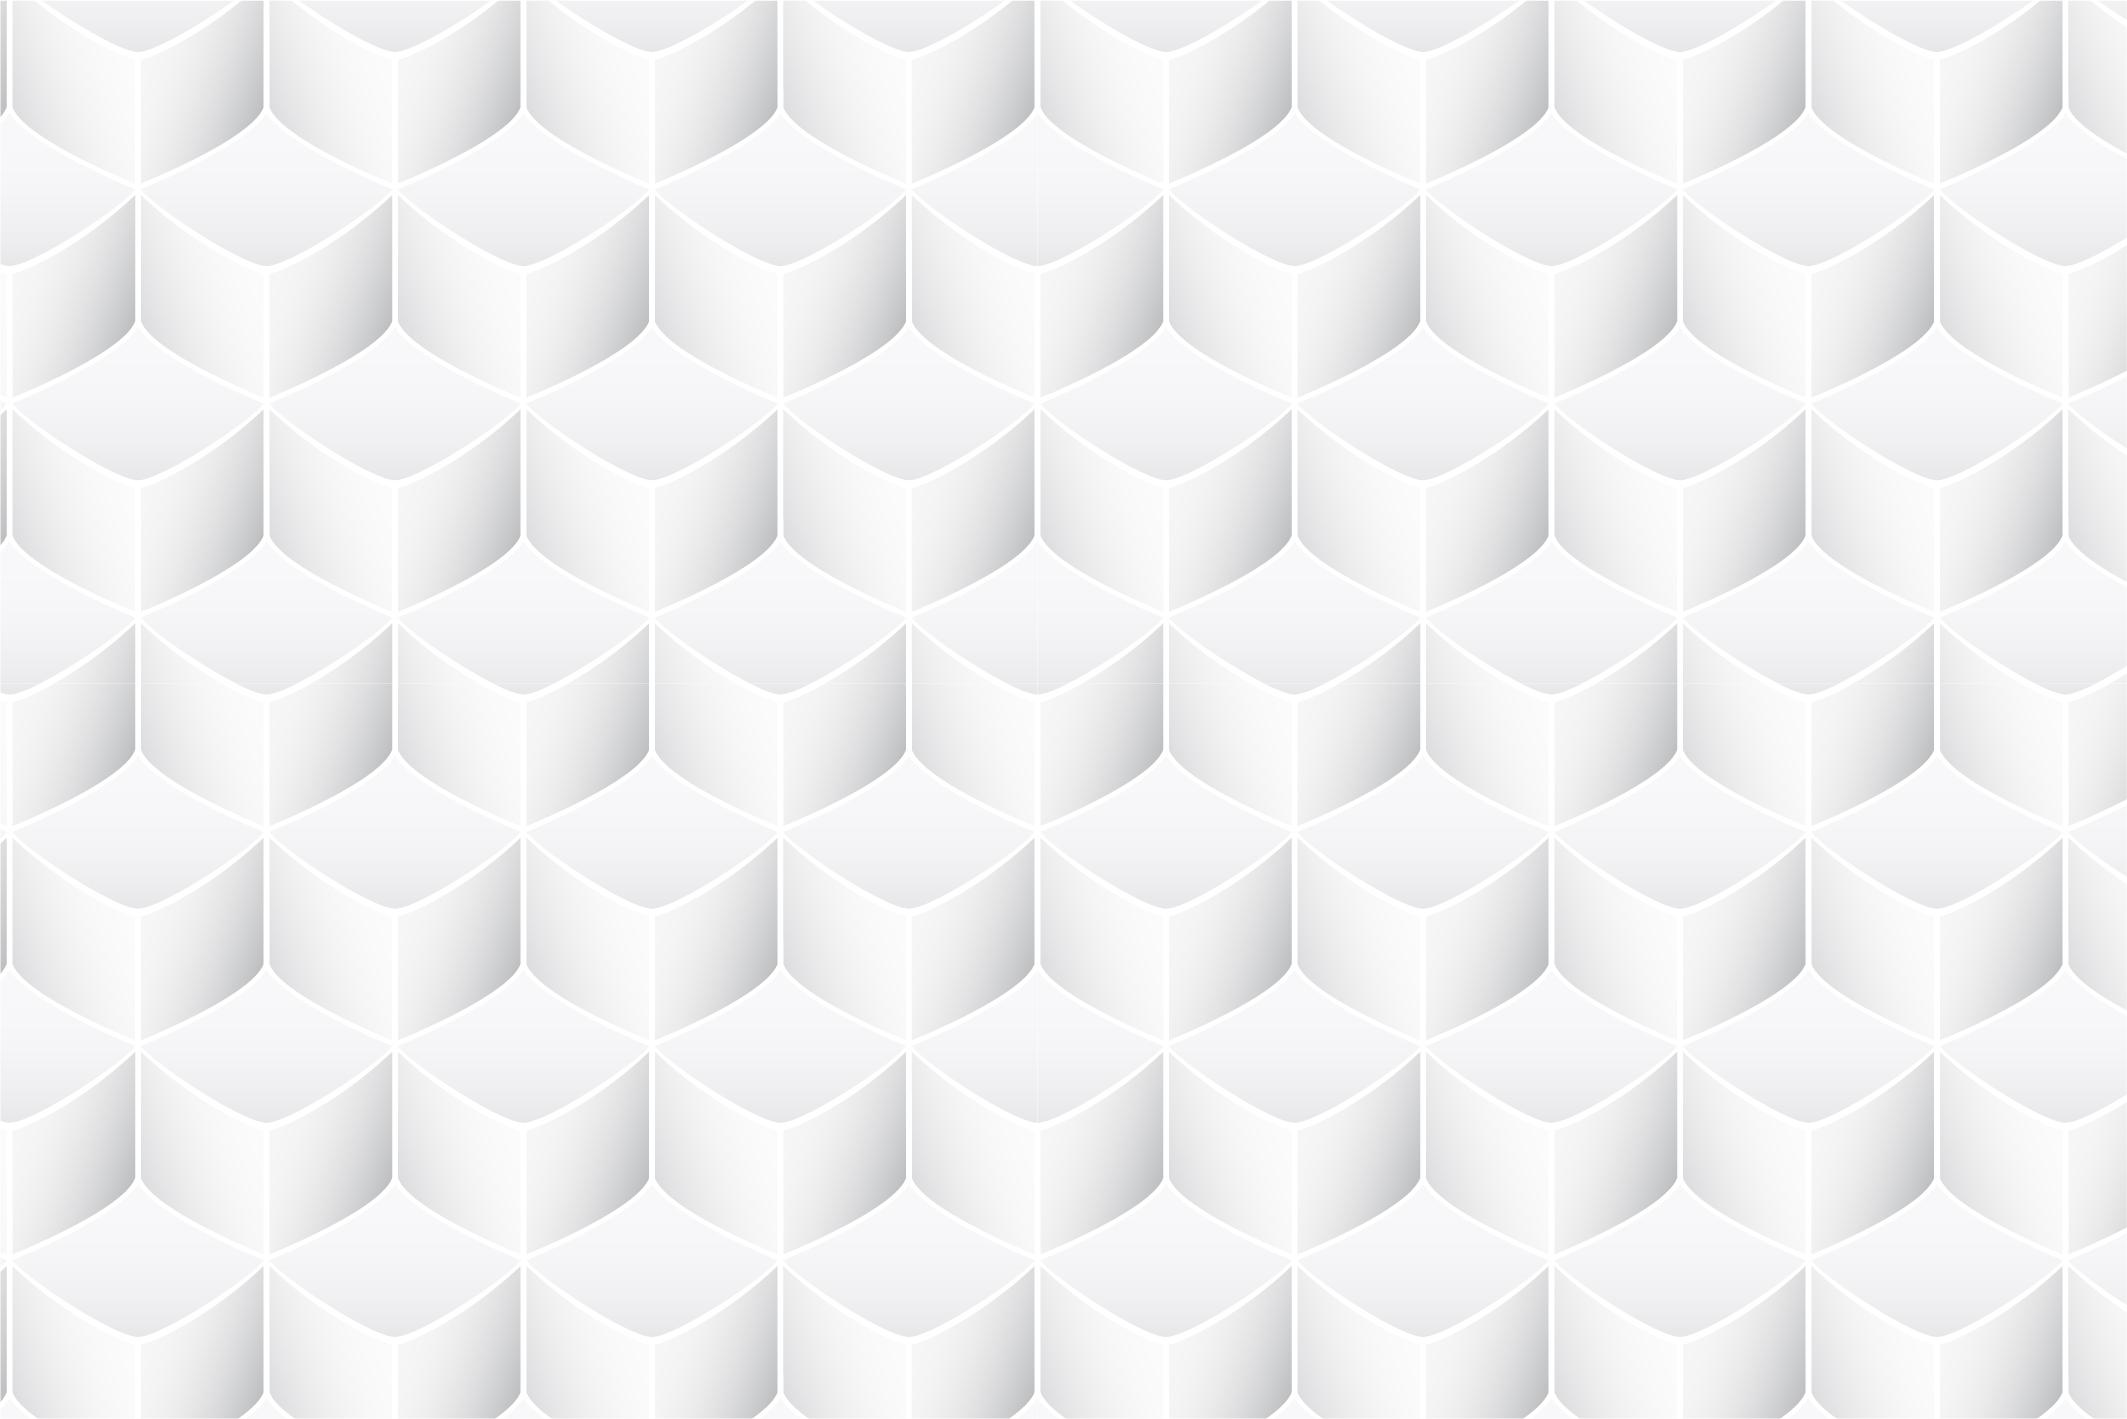 White seamless textures example image 6